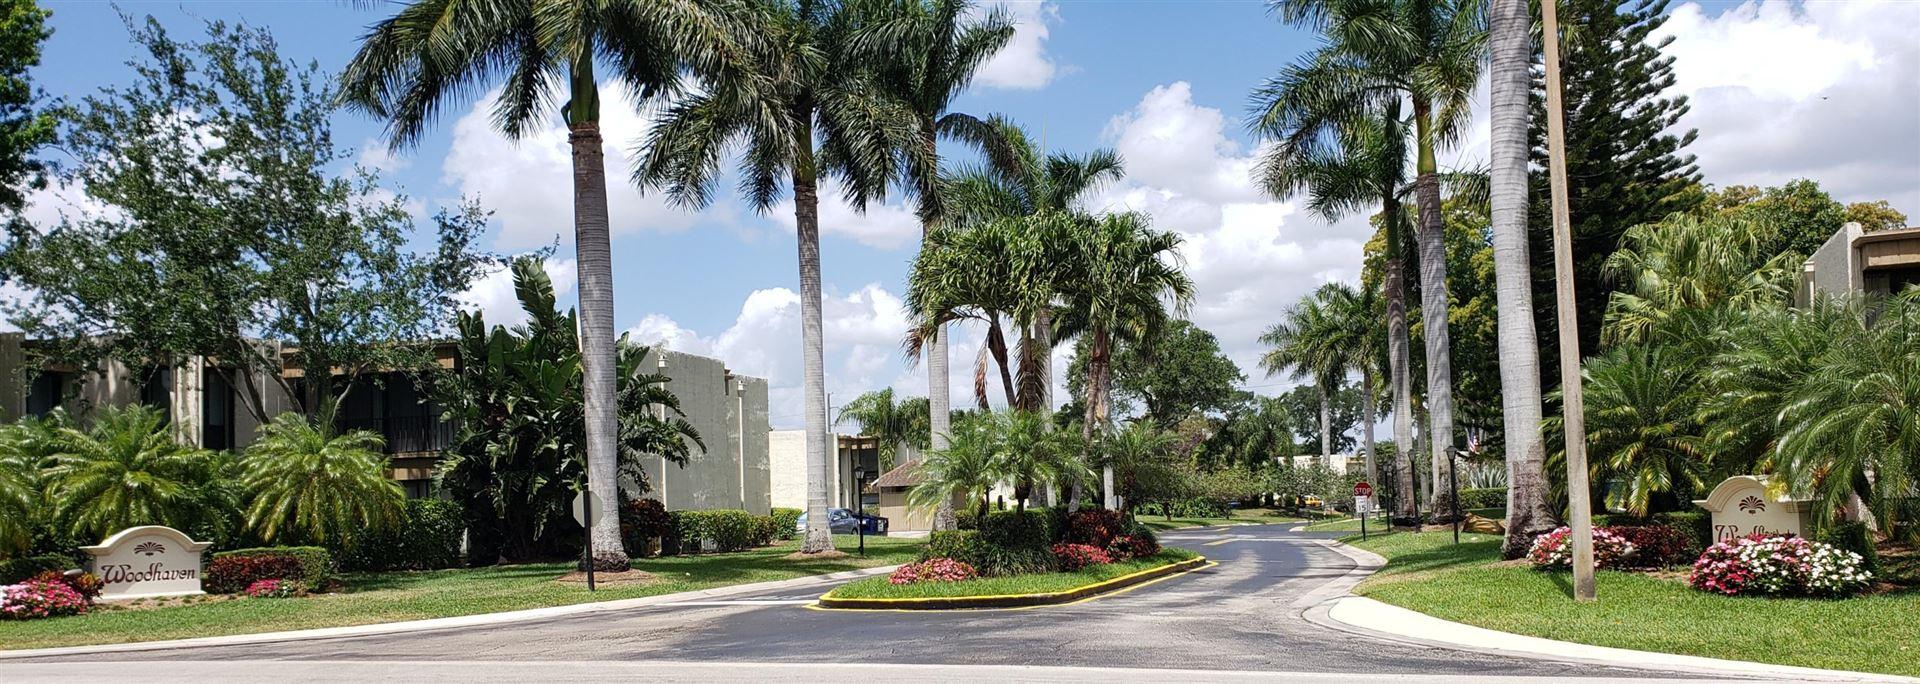 22089 Cocoa Palm Way #255, Boca Raton, FL 33433 - #: RX-10705003